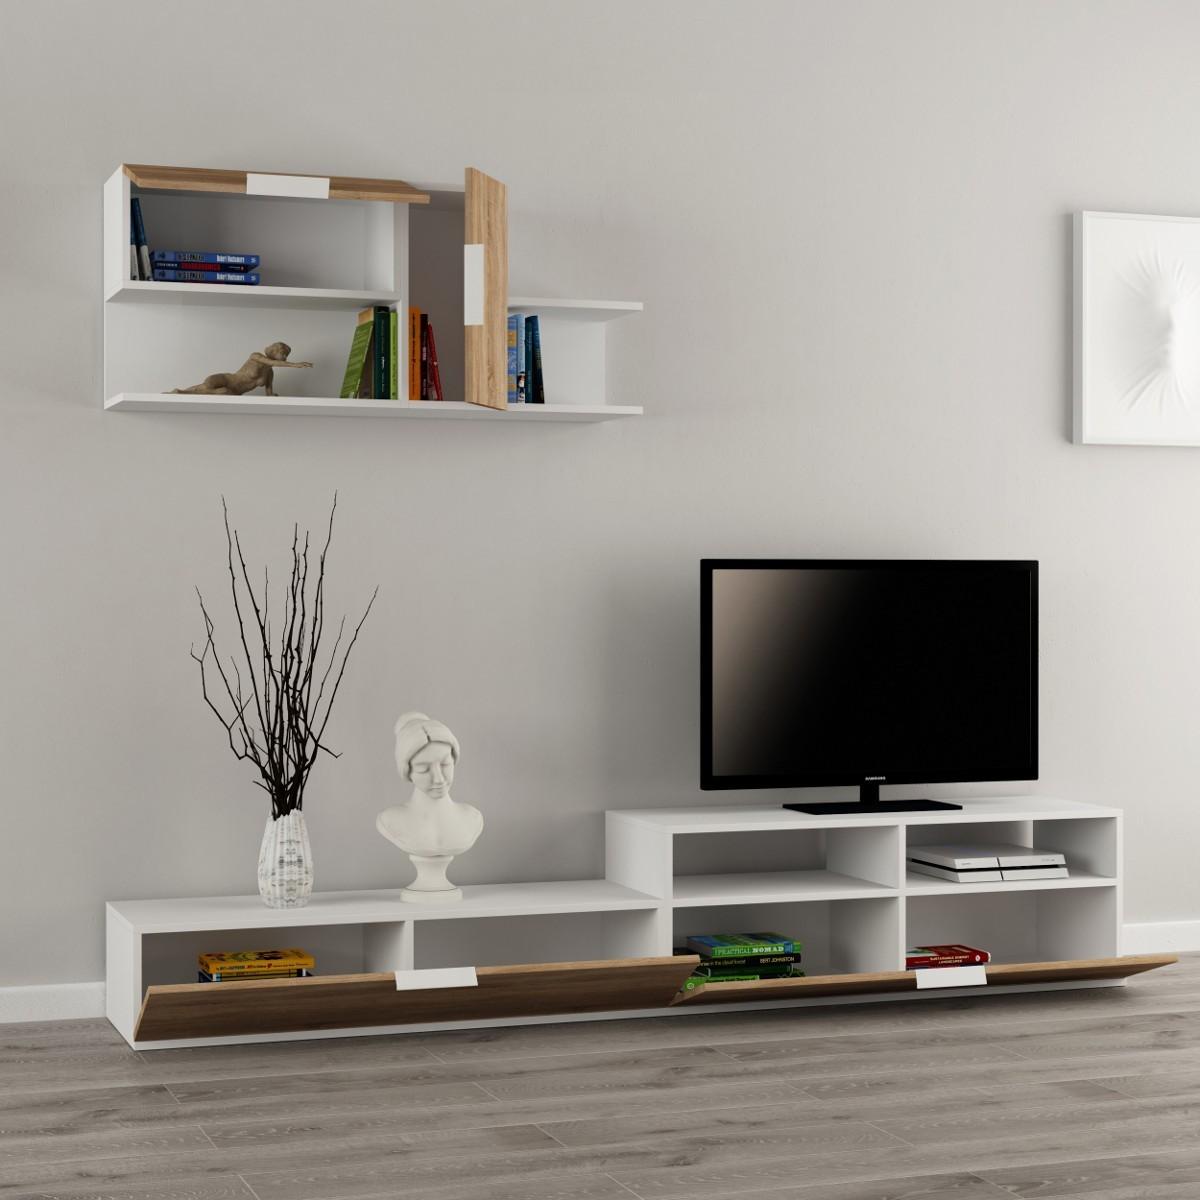 Adair parete attrezzata in legno melaminico design moderno